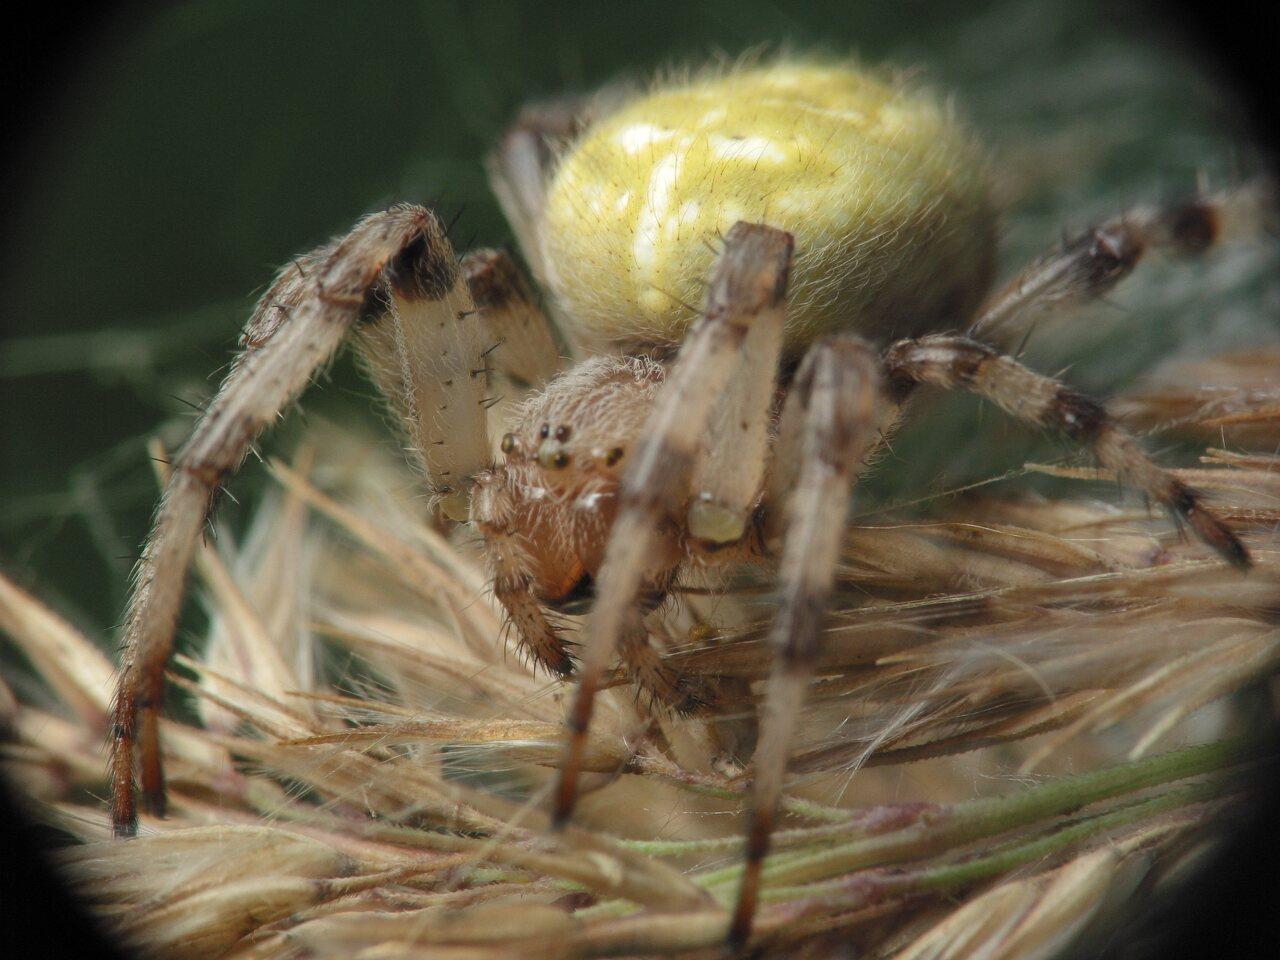 Araneus-quadratus-4035.jpg